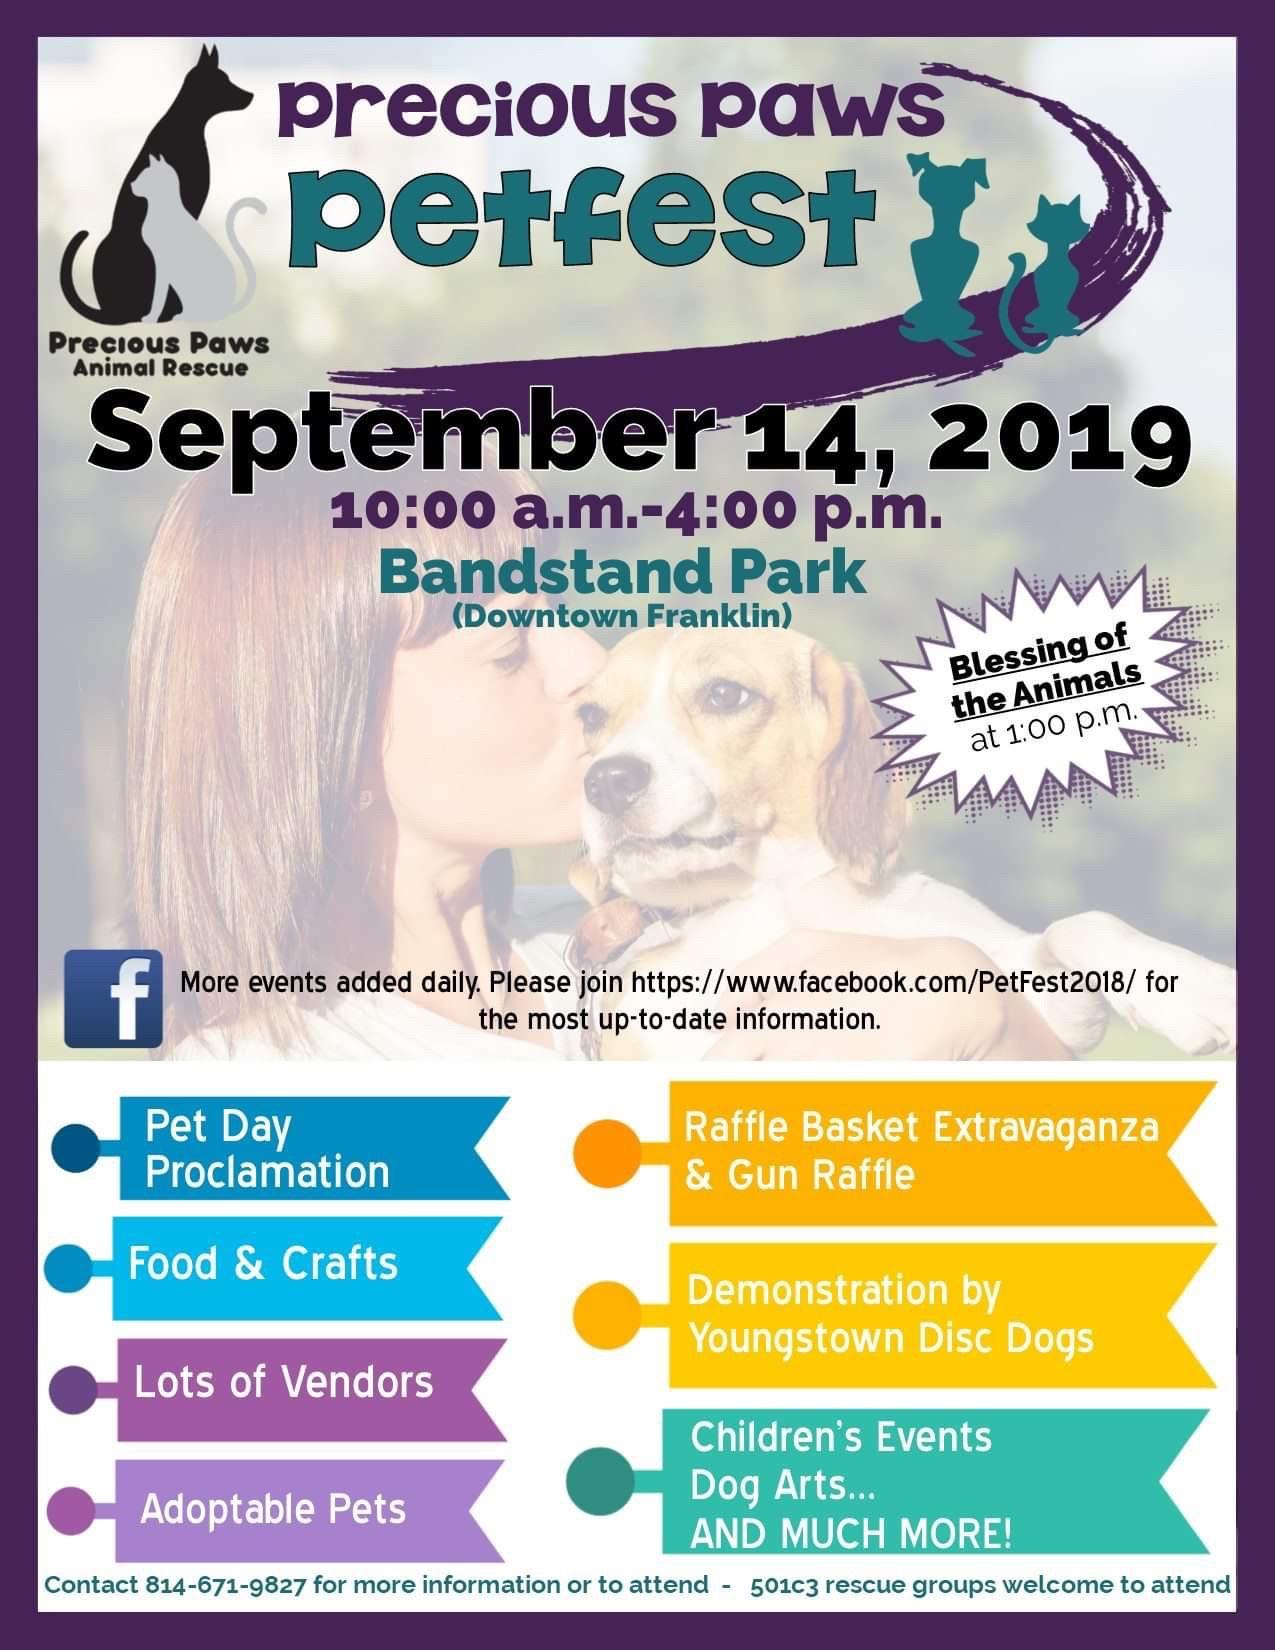 Precious Paws Petfest September 14, 2019